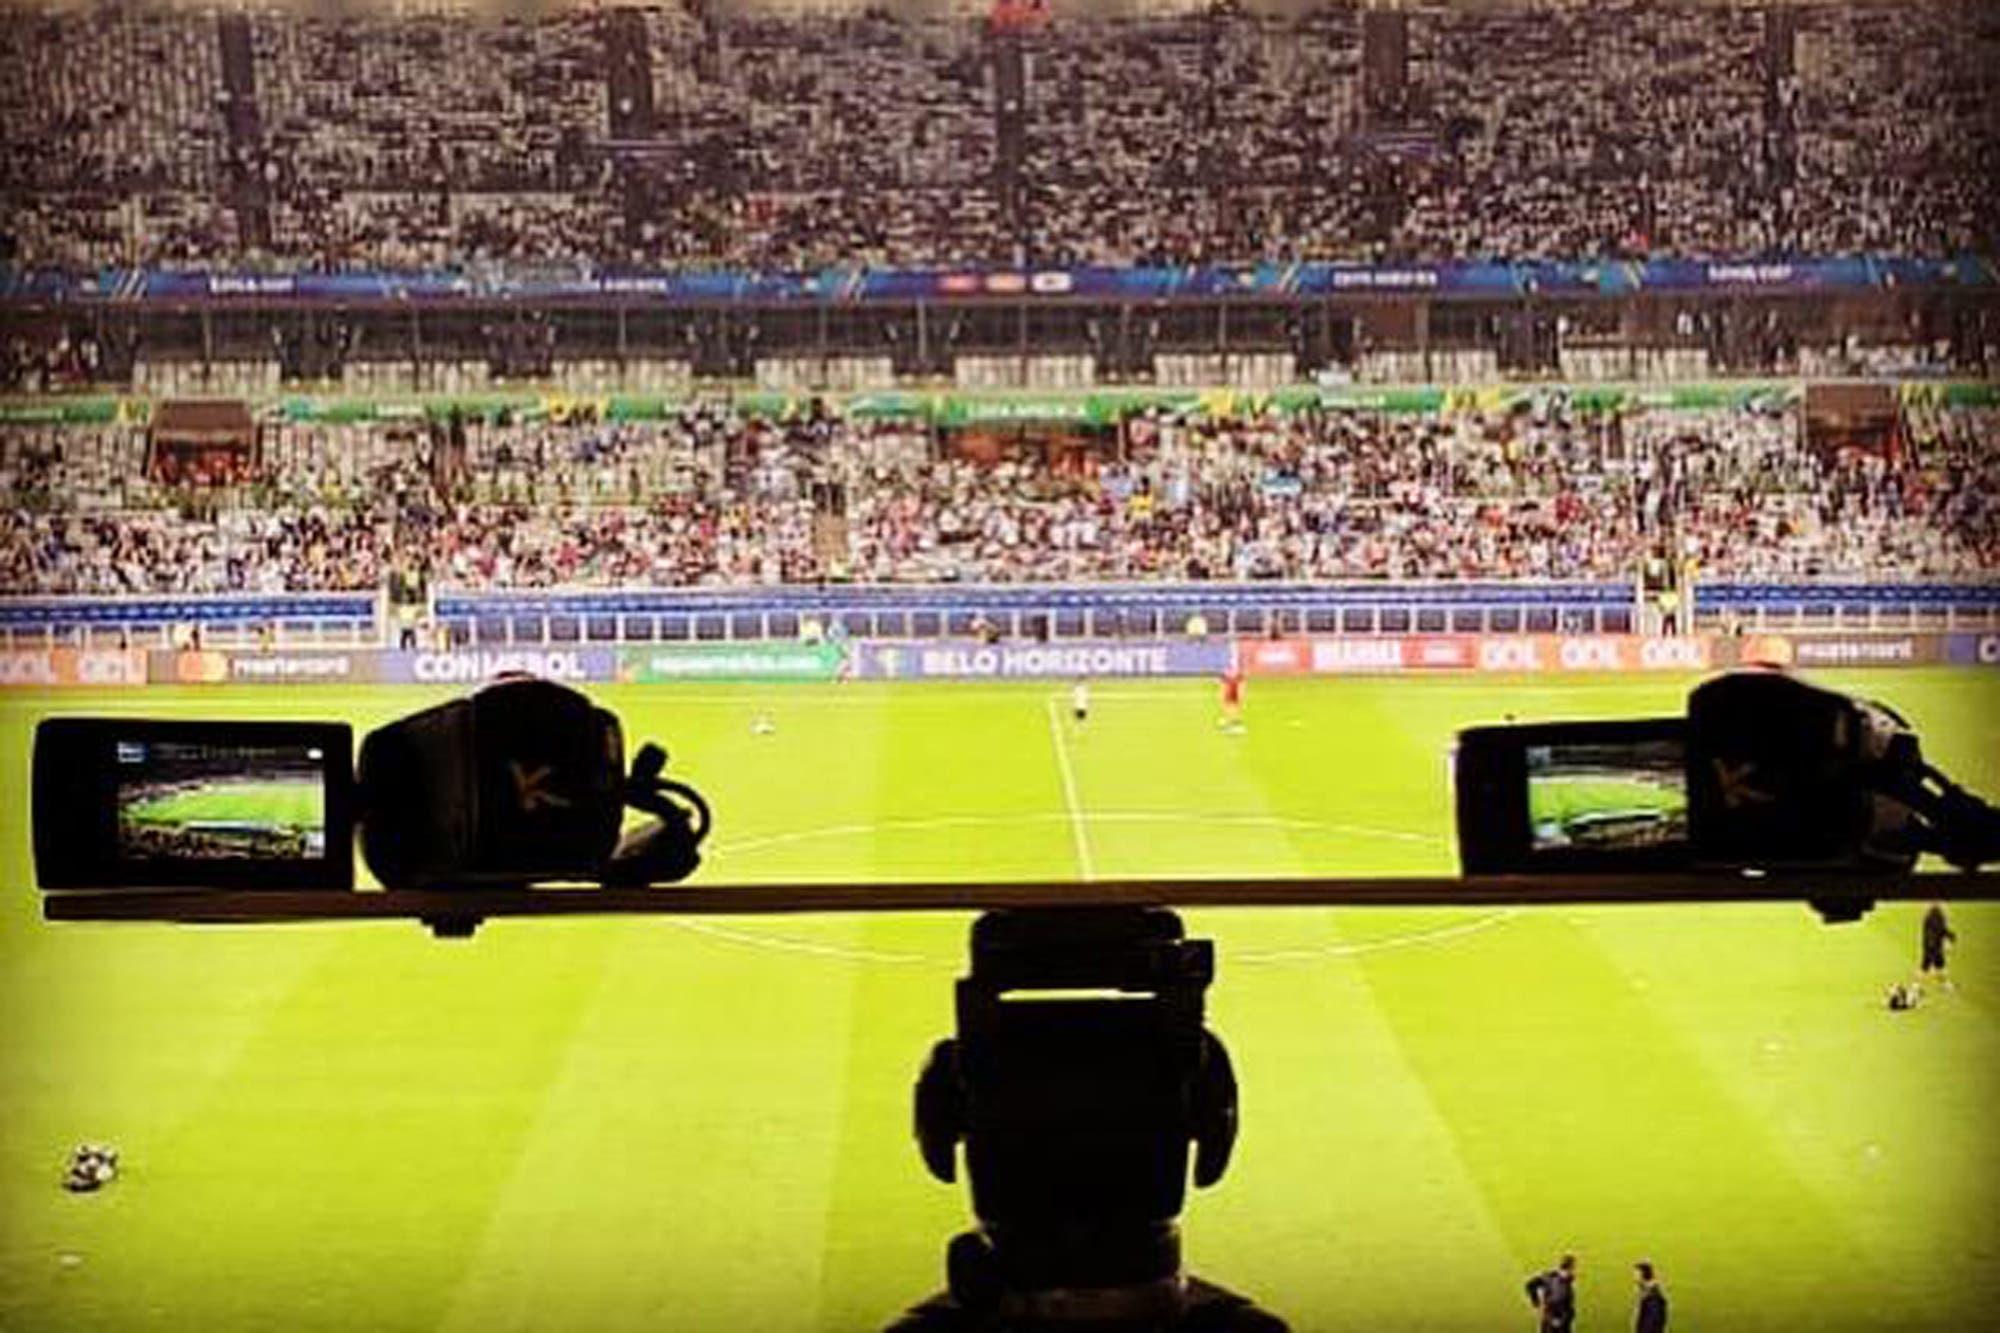 La selección argentina y la tecnología: Juan Foyth no hizo nada raro